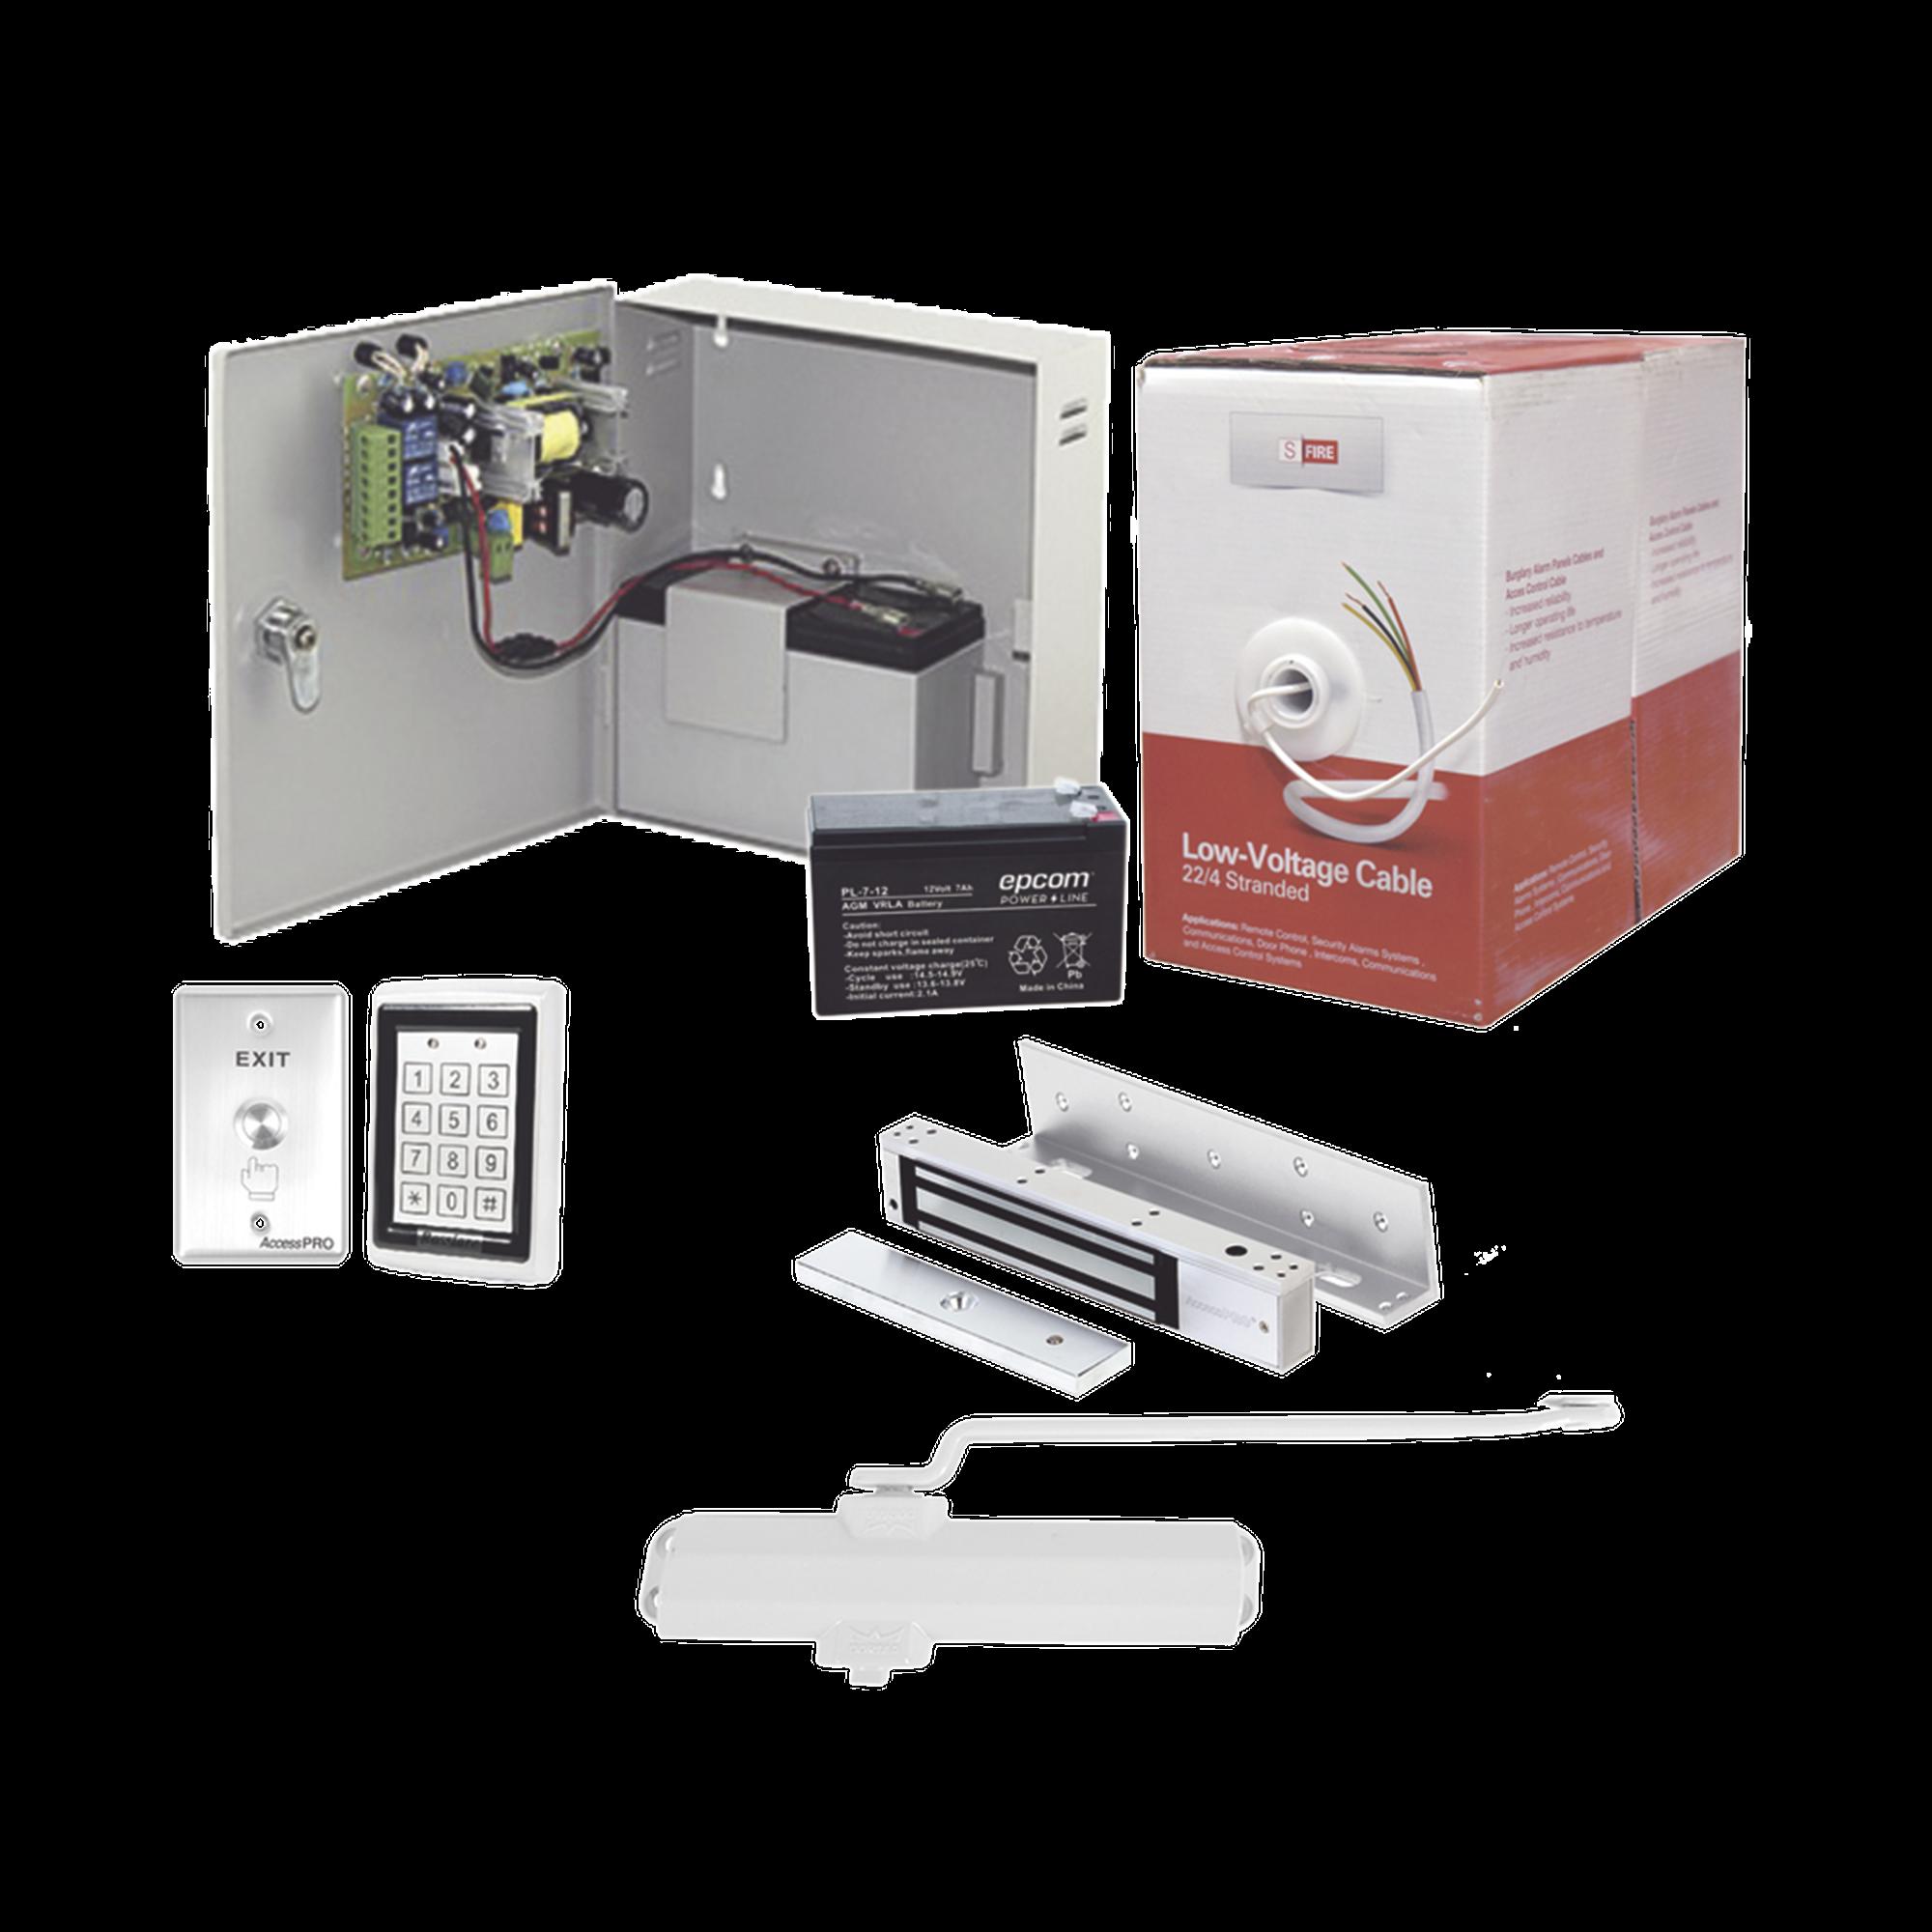 Sistema Completo de Acceso, Incluye Teclado Anti-Vandalico, Chapa magnética con bracket, Cierra puerta, Botón de Salida, Cable  Gratis , y fuente profesional con Batería